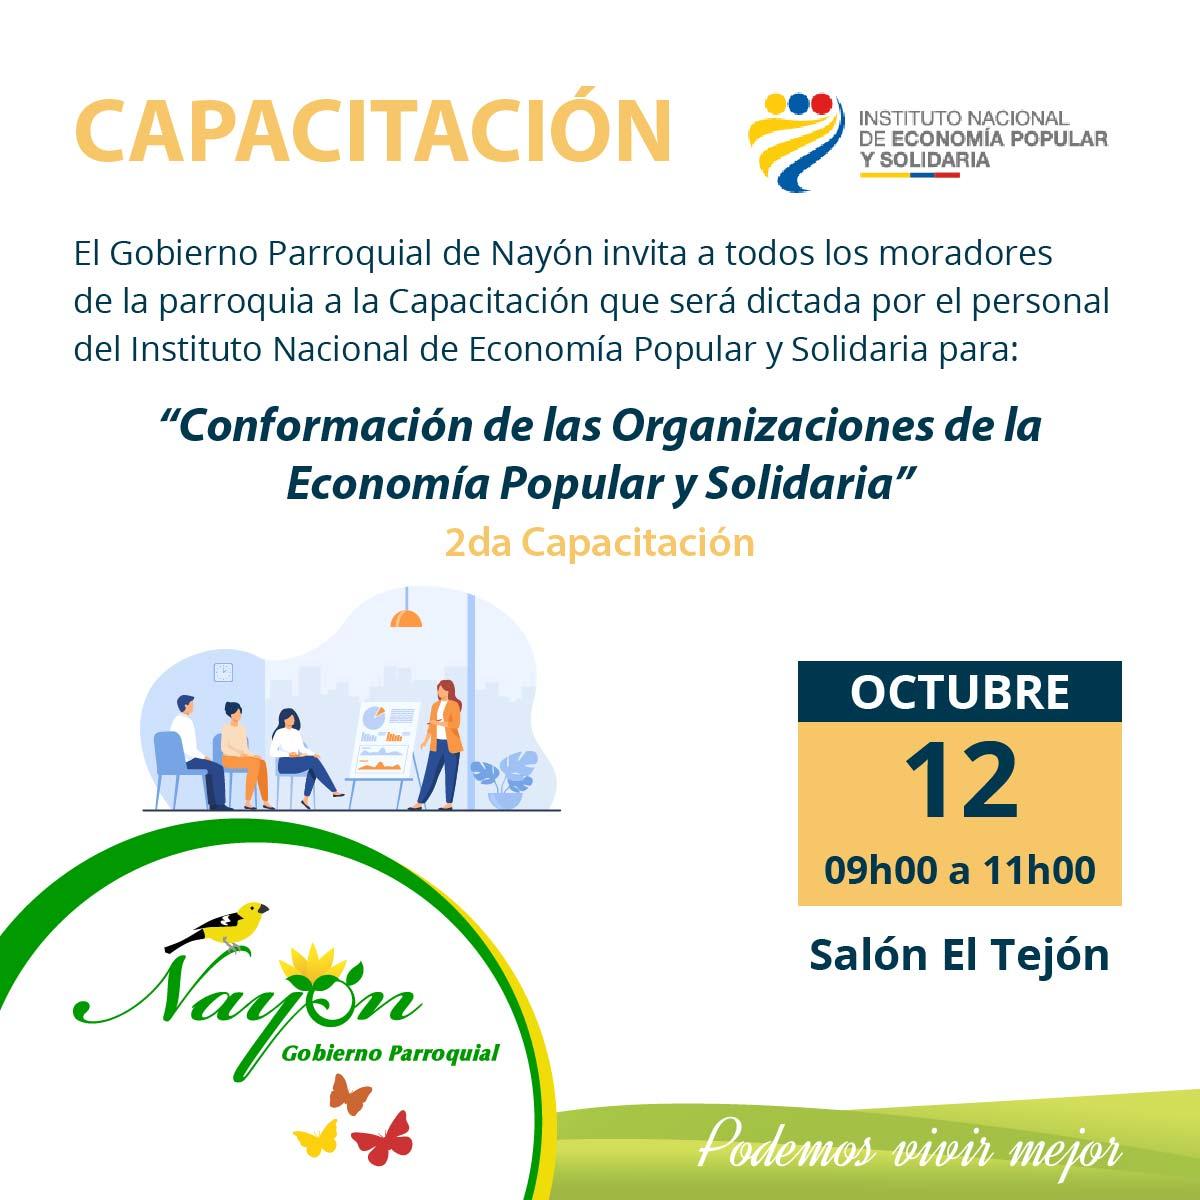 Capacitación - Conformación de las Organizaciones de la Economía Popular y Solidaria